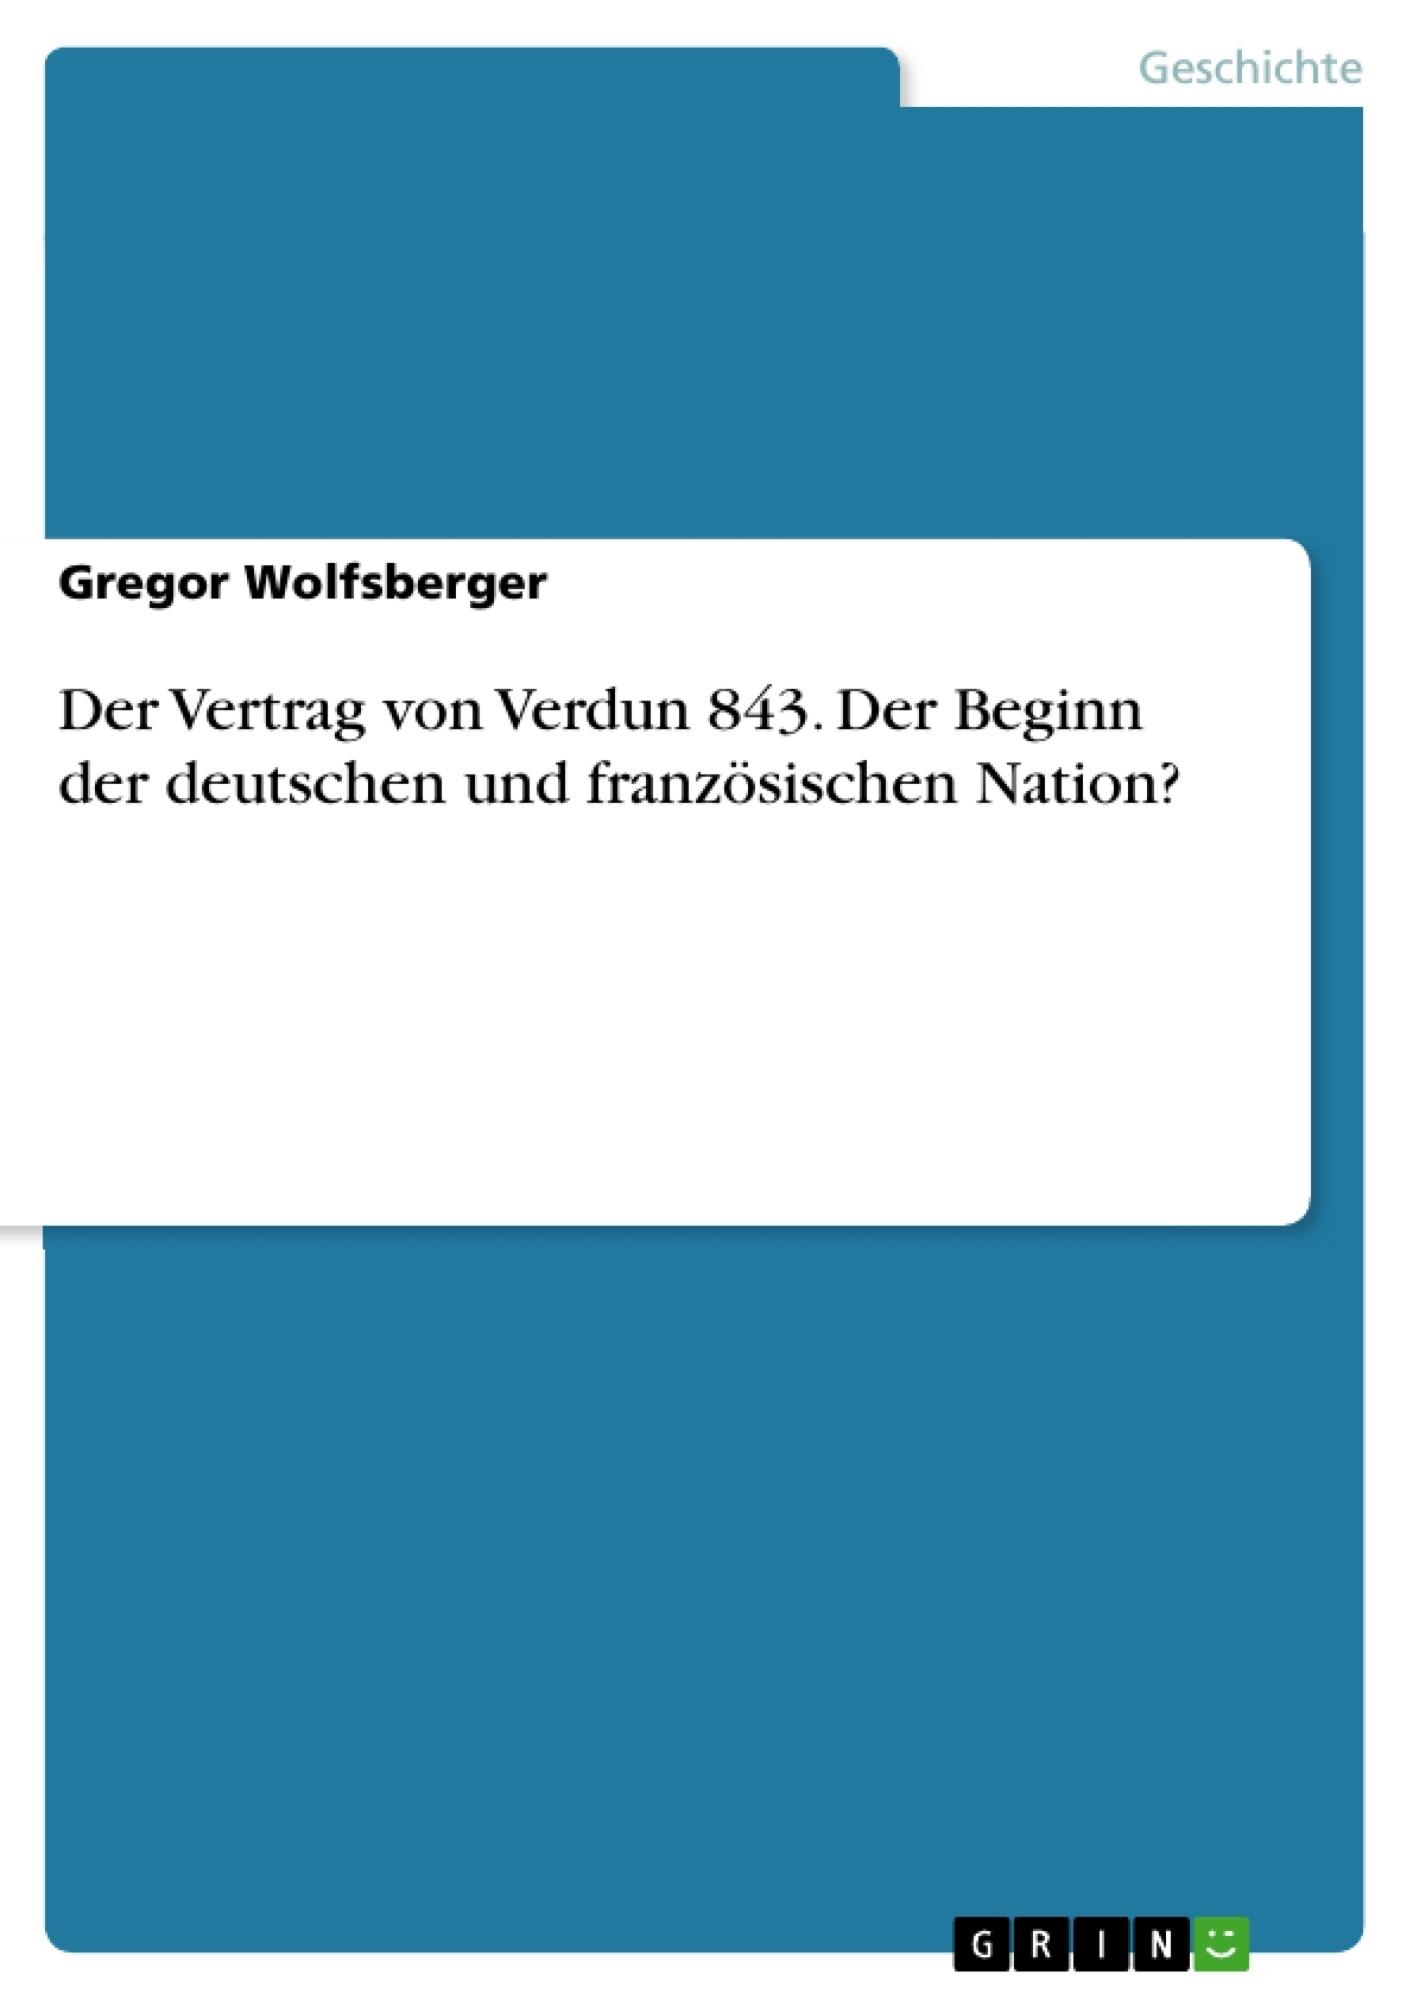 Titel: Der Vertrag von Verdun 843. Der Beginn der deutschen und französischen Nation?